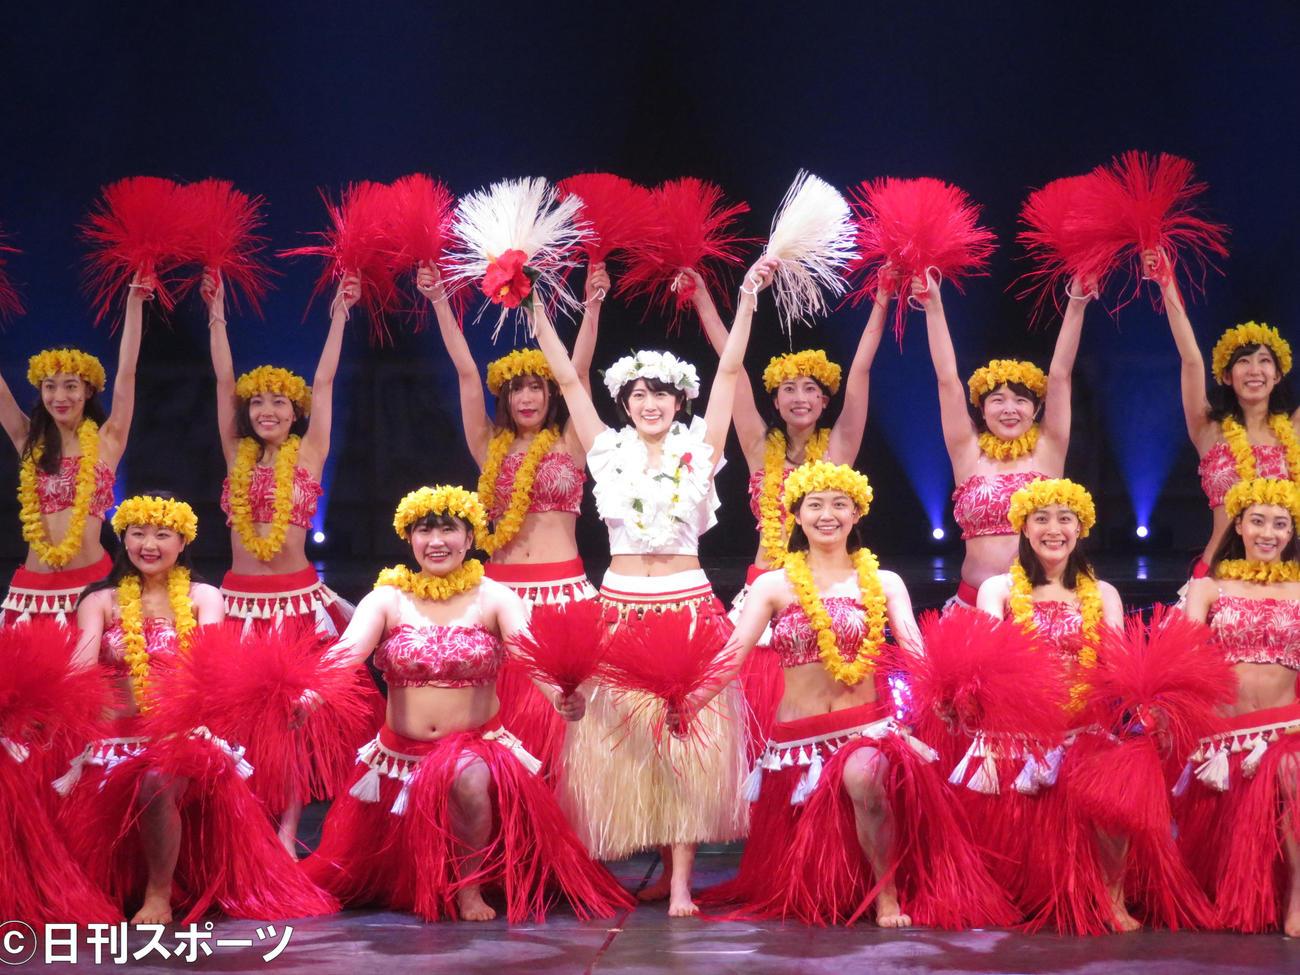 主演舞台「フラガール -dance for smile-」でフラダンスを披露する樋口日奈(中央)